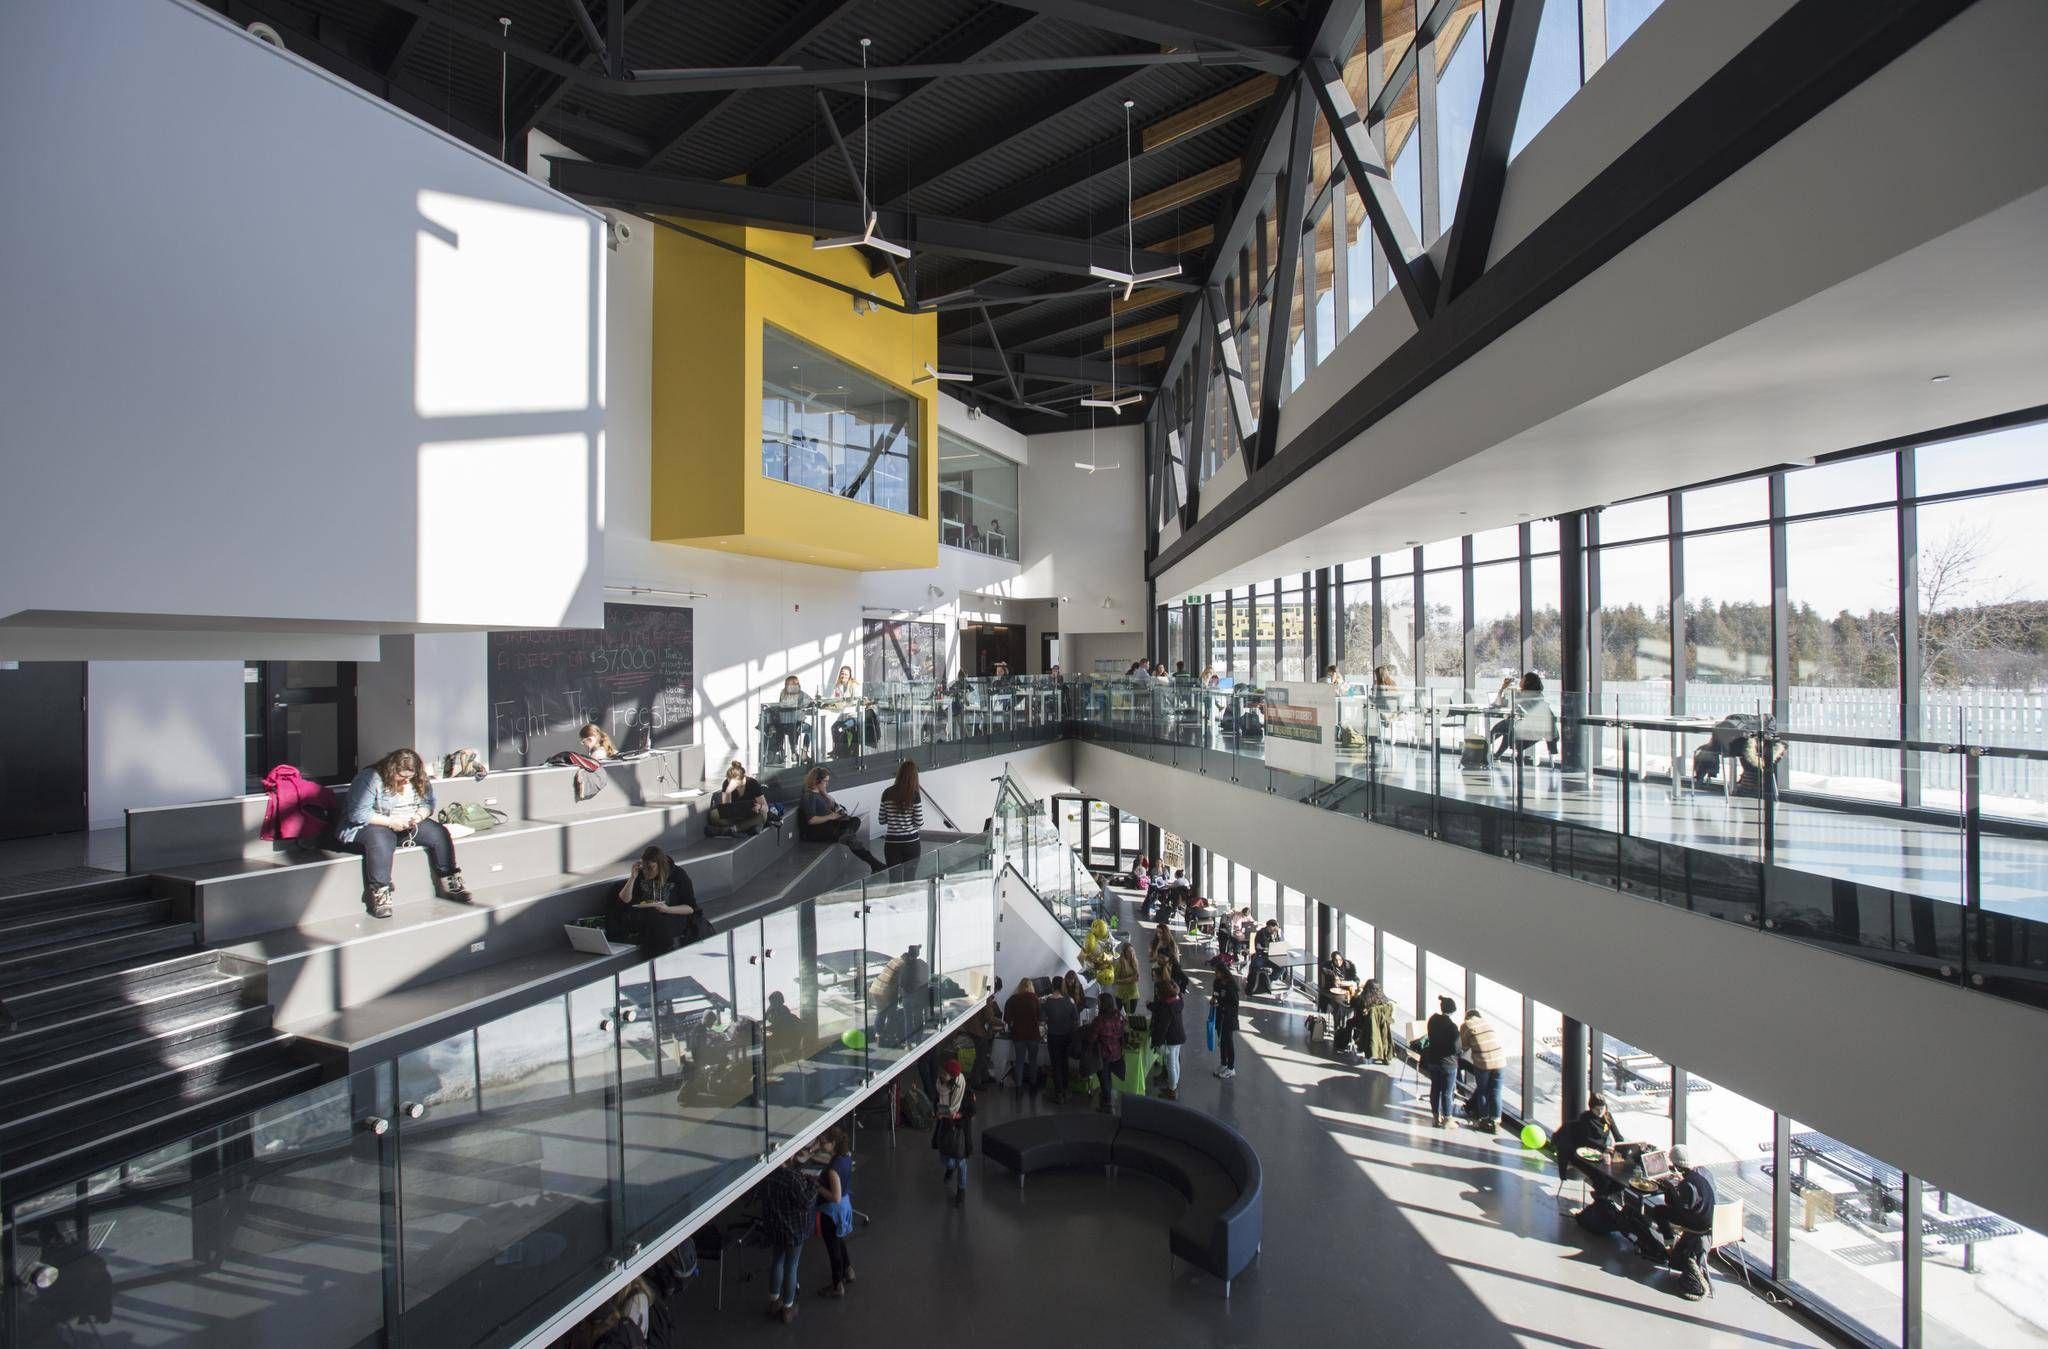 interior design price list in india universities